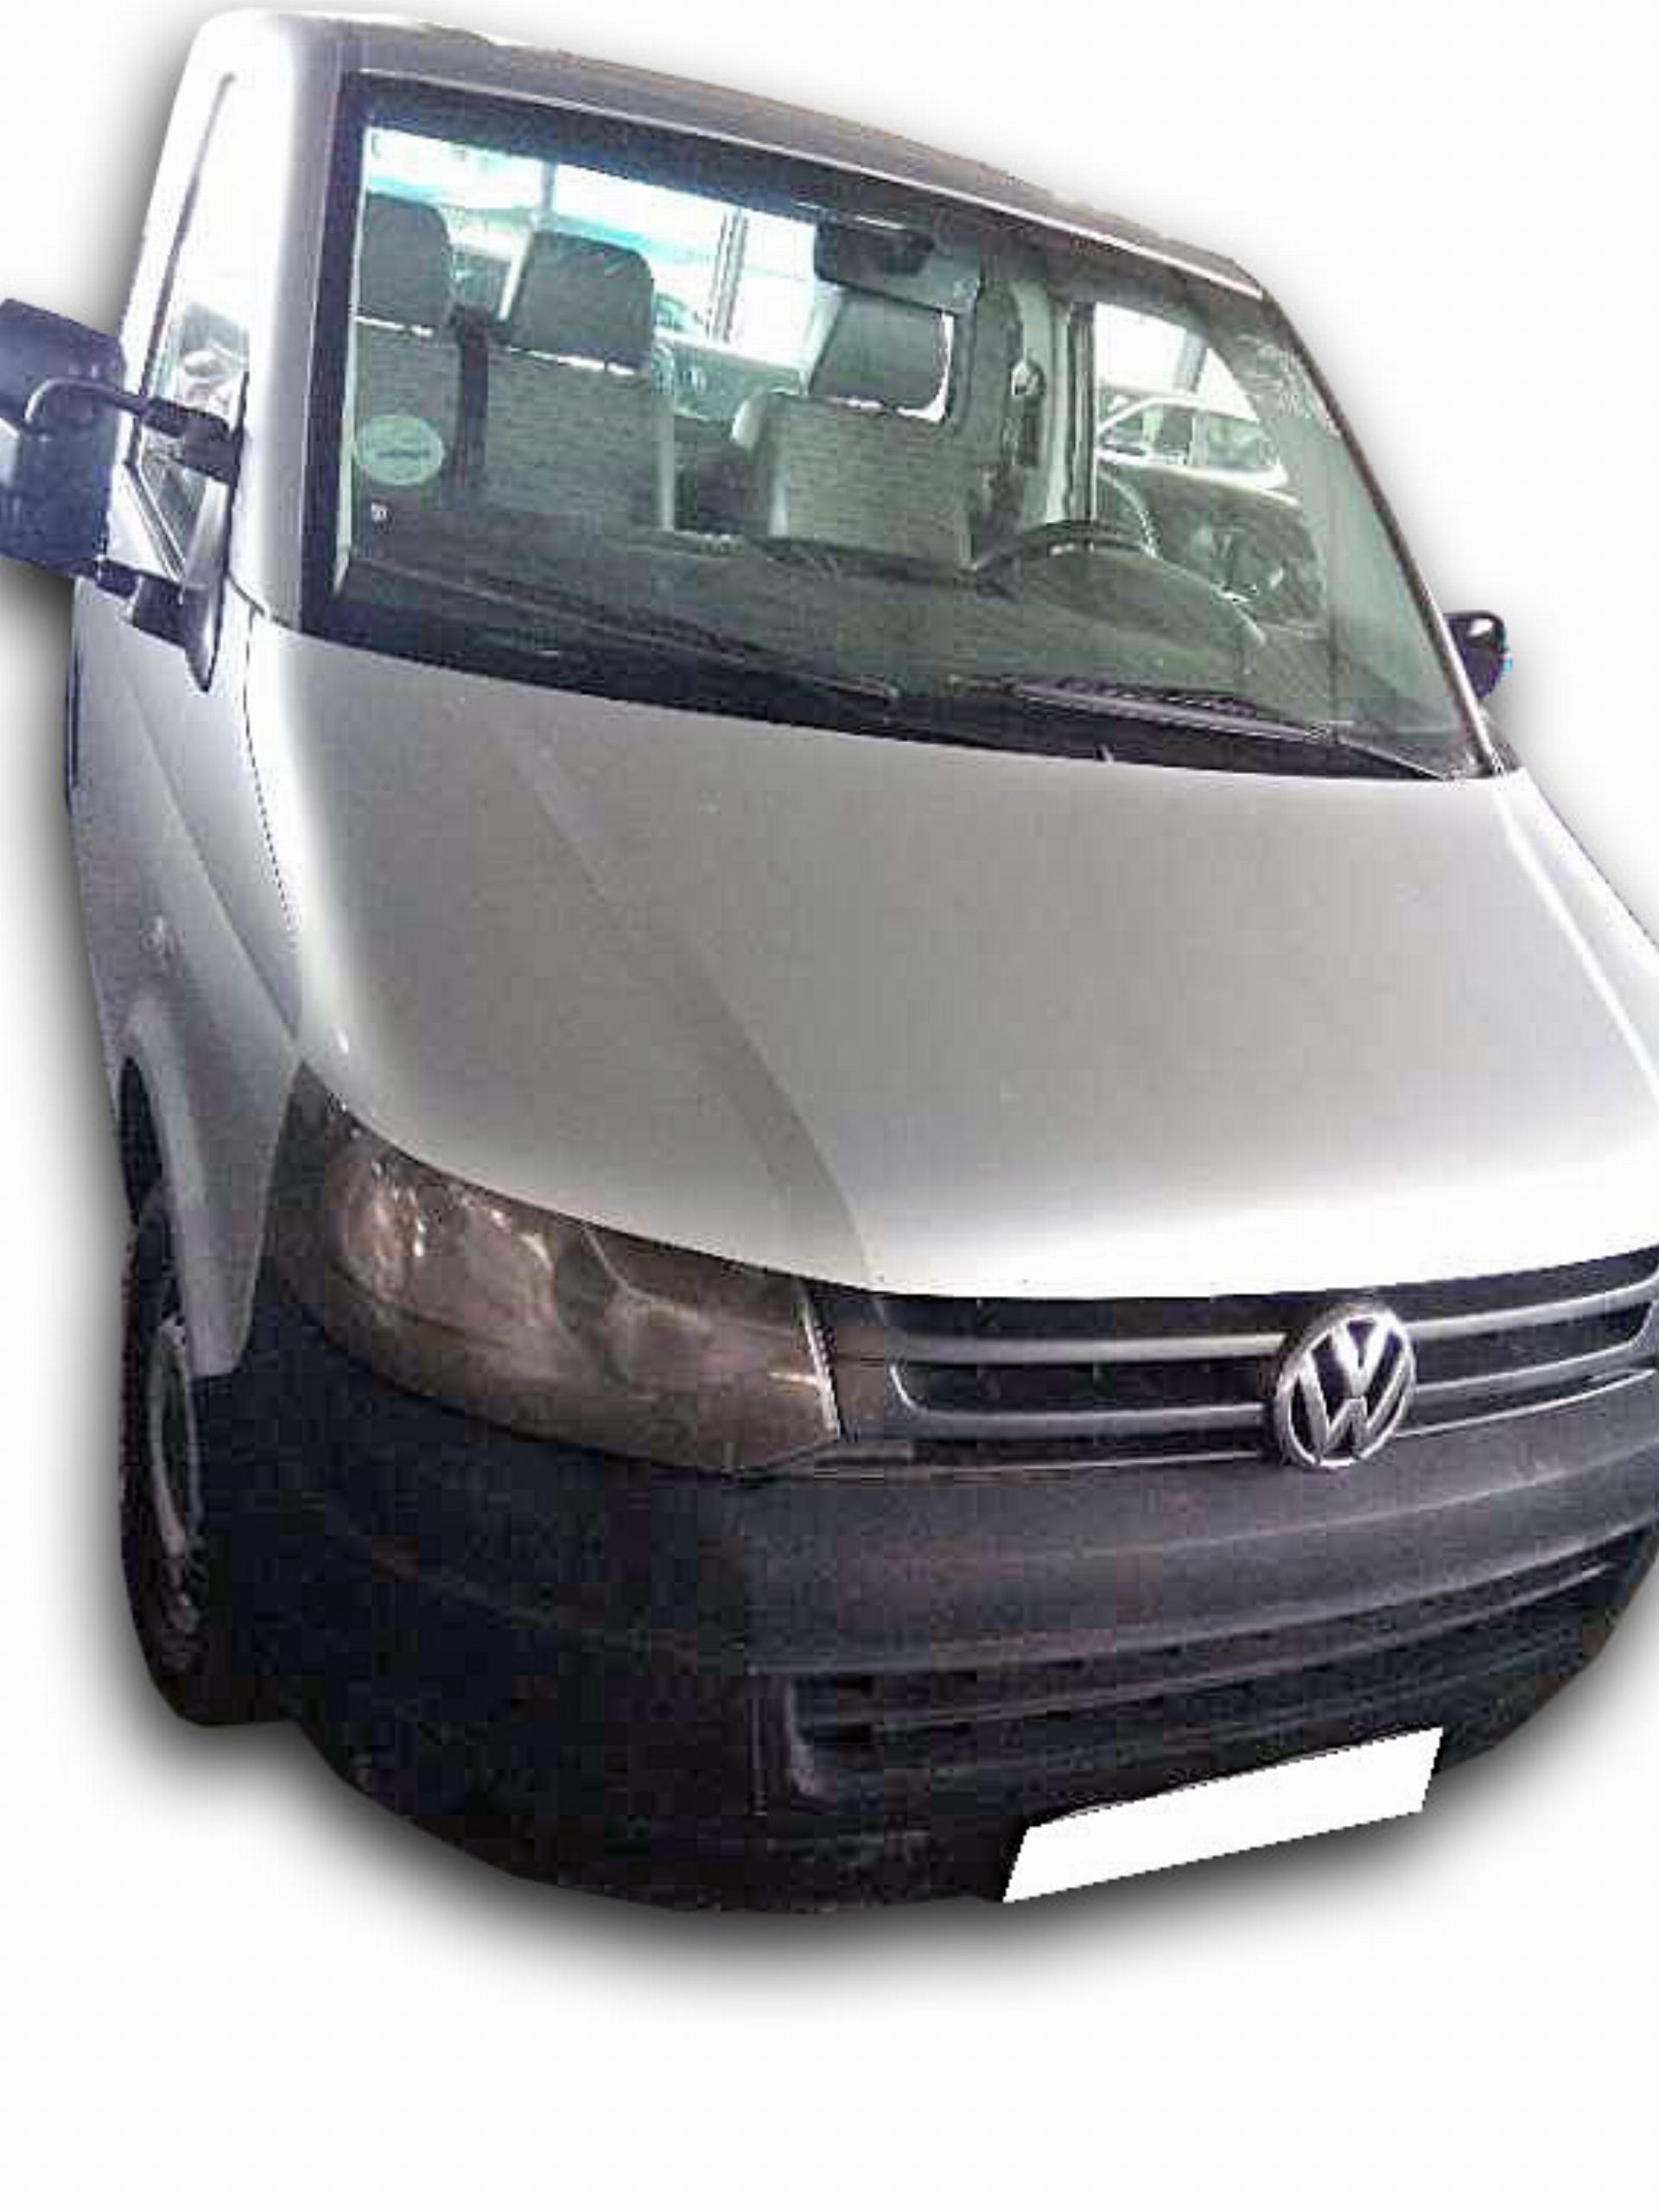 VW T5 2.0 Bitdi 132